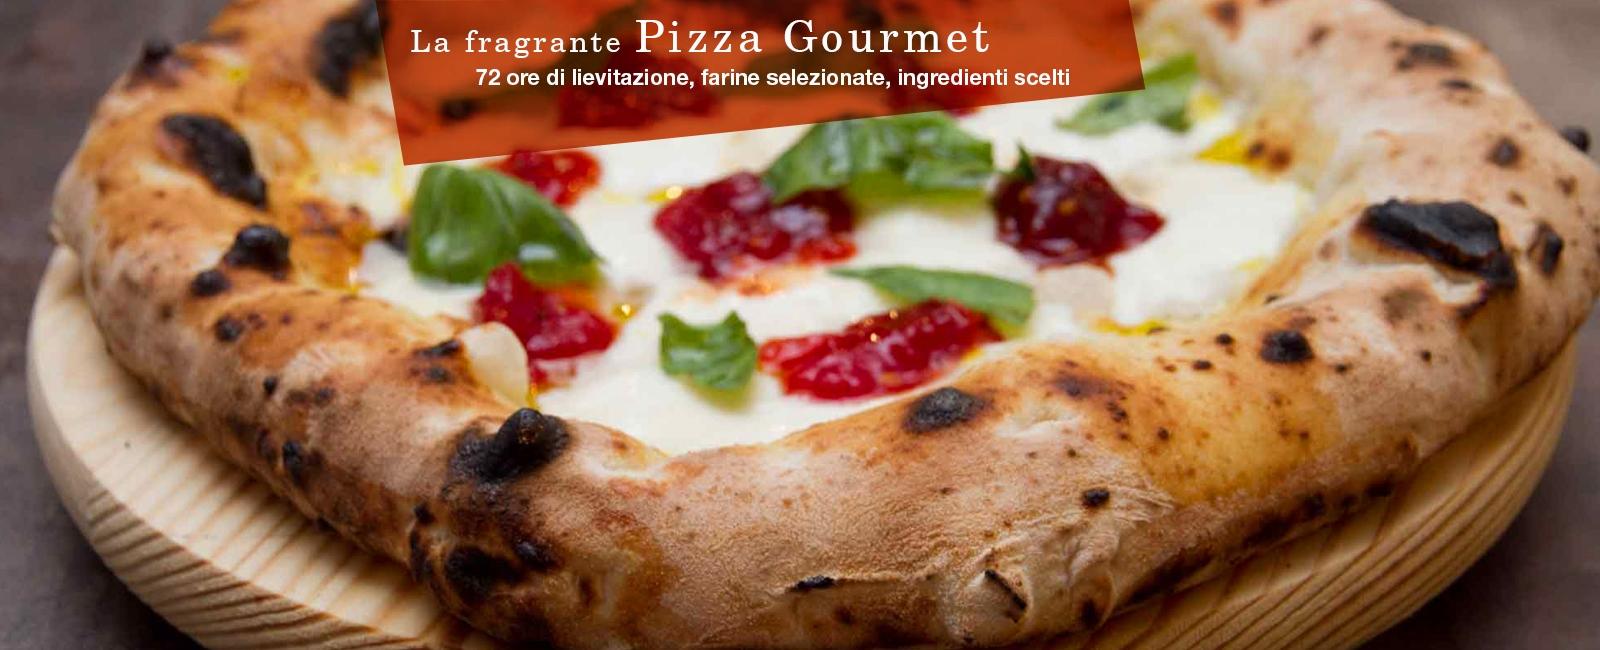 La fragrante Pizza Gourmet<br /> 72 ore di lievitazione, farine selezionate, ingredienti scelti